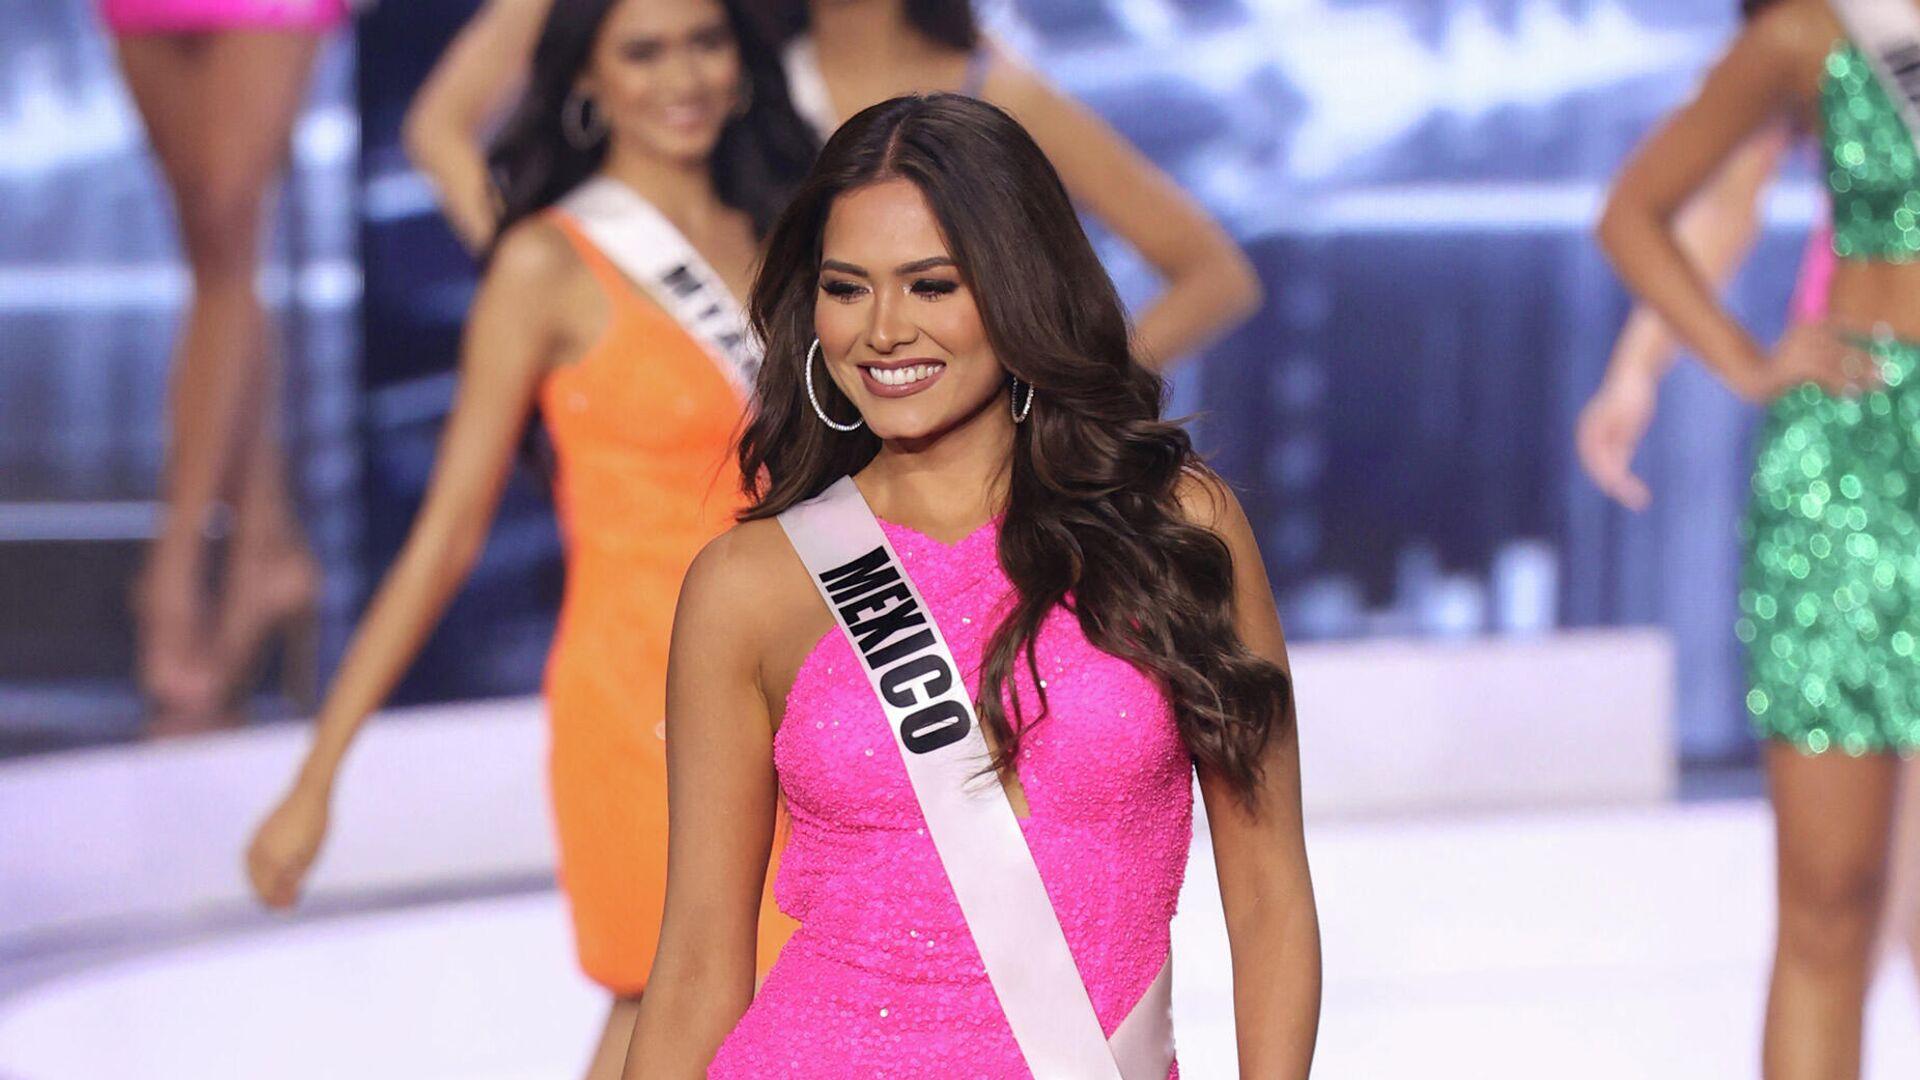 Новой мисс Вселенная стала участница из Мексики - РИА Новости, 17.05.2021